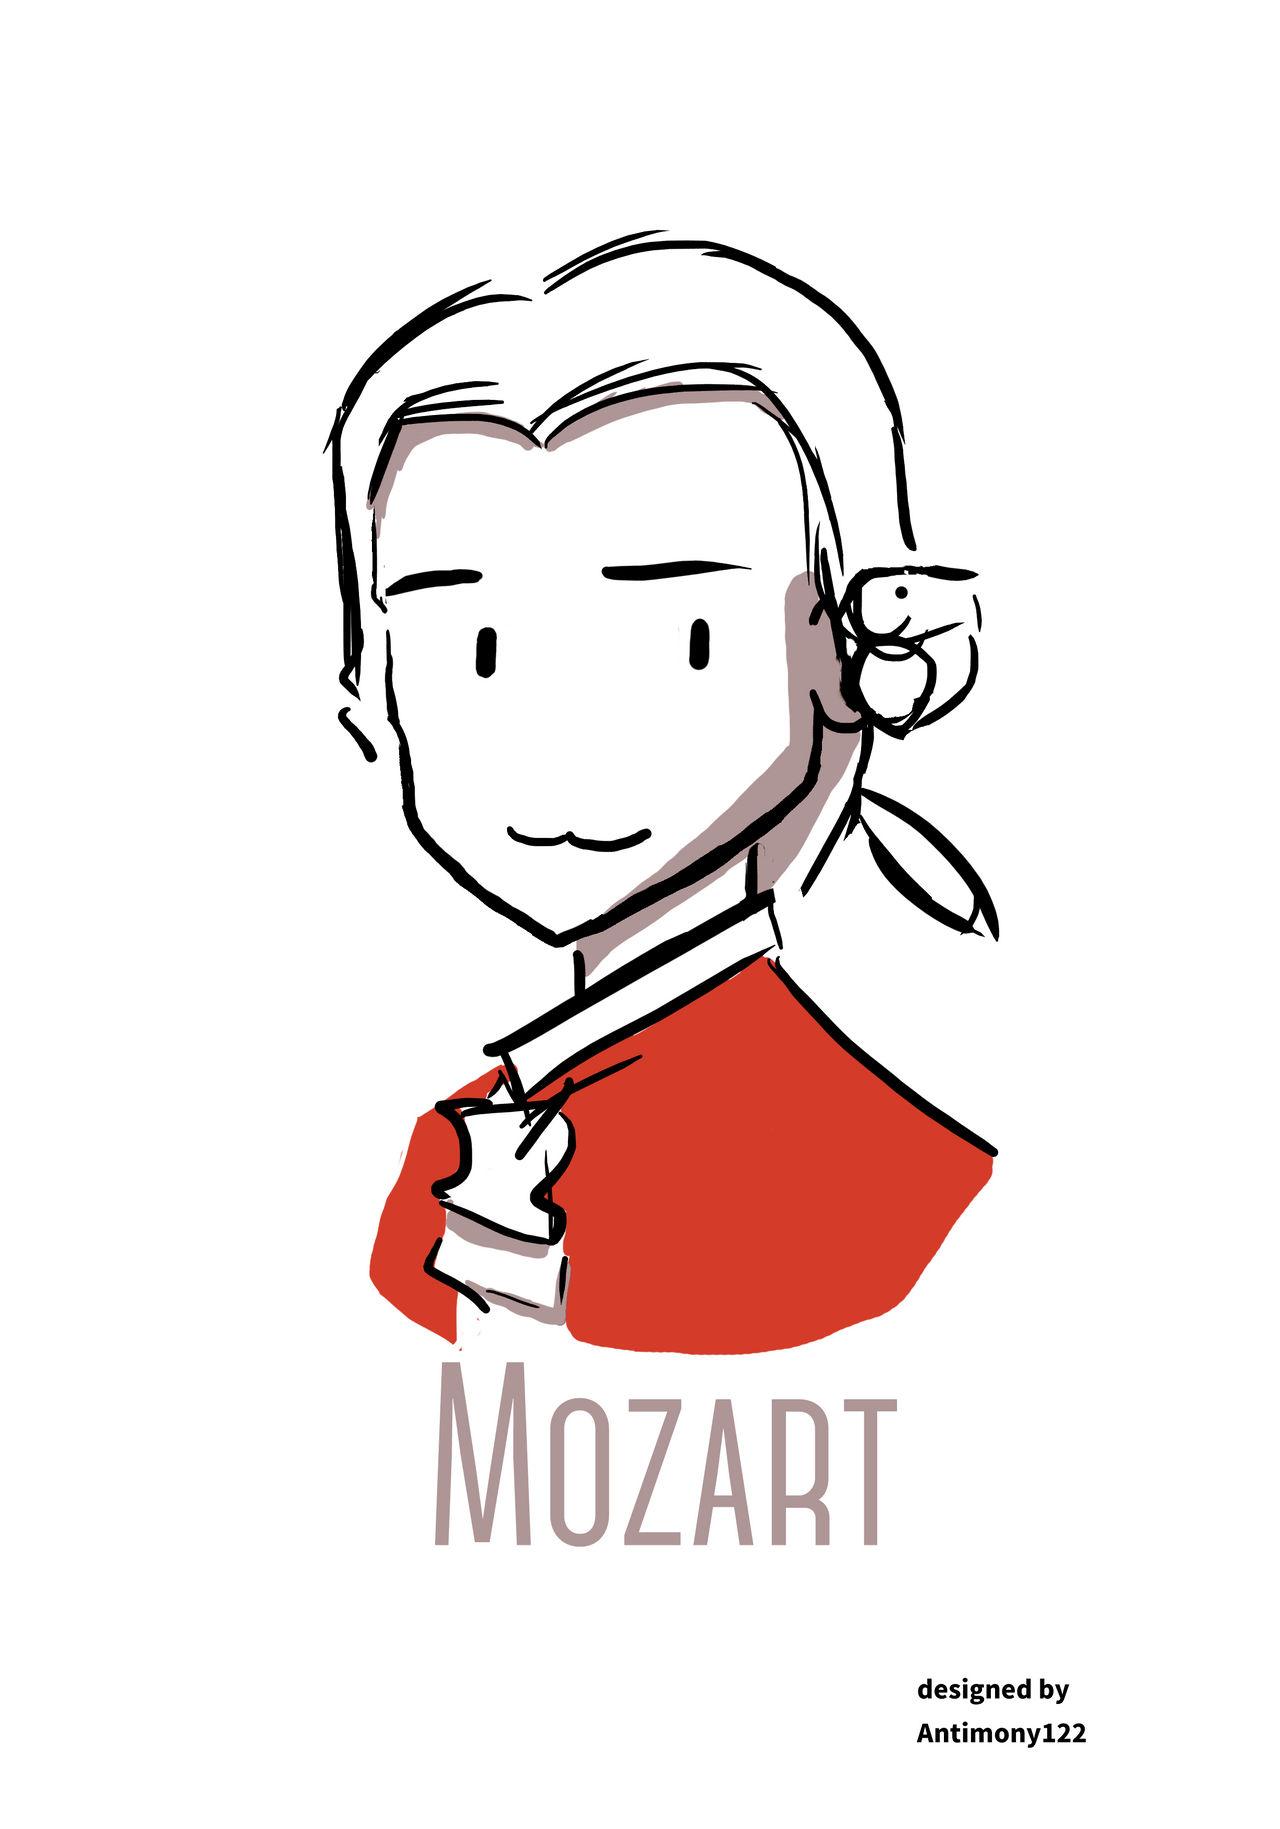 Mozart Stock Illustrations – 272 Mozart Stock Illustrations, Vectors &  Clipart - Dreamstime